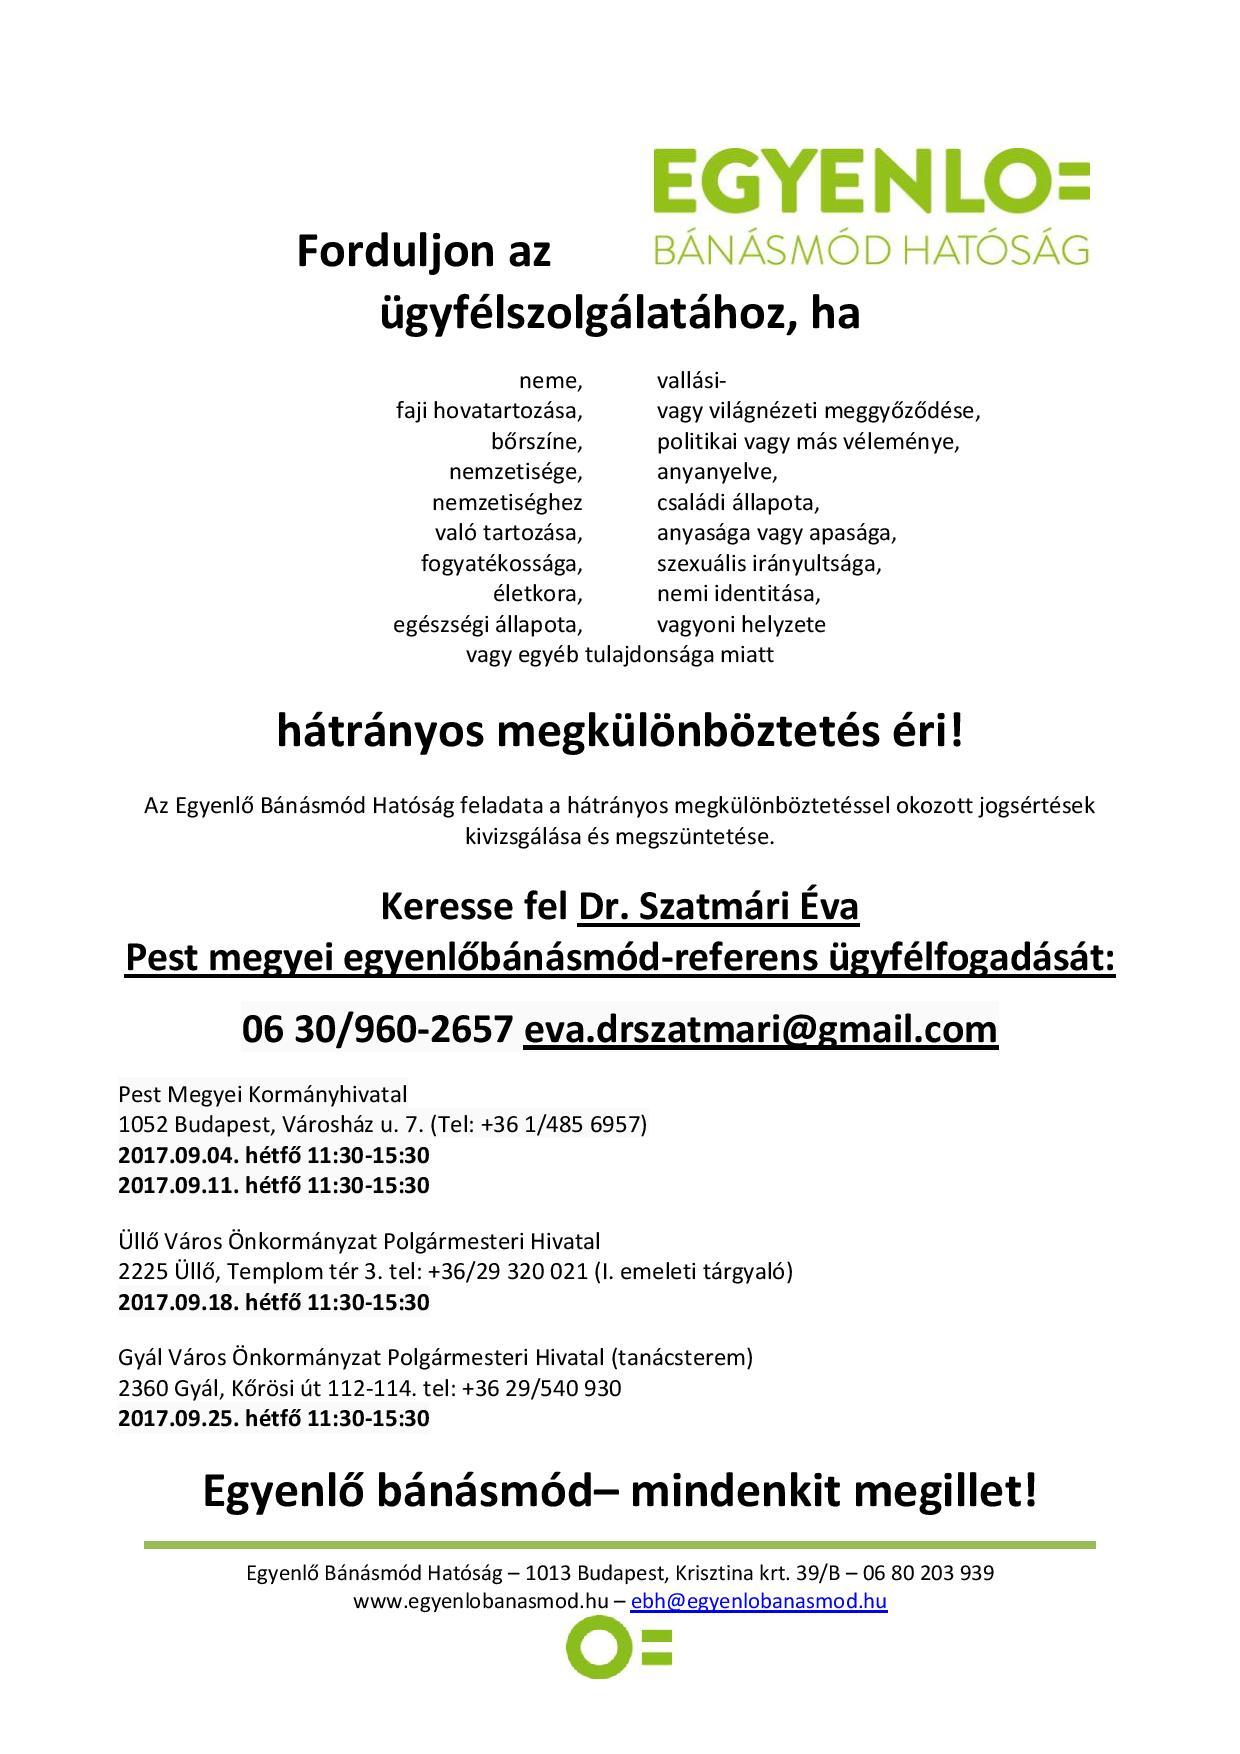 Egyenlő Bánásmód Hatóság ügyfélfogadási időpontok és elérhetőségek Pest megyében